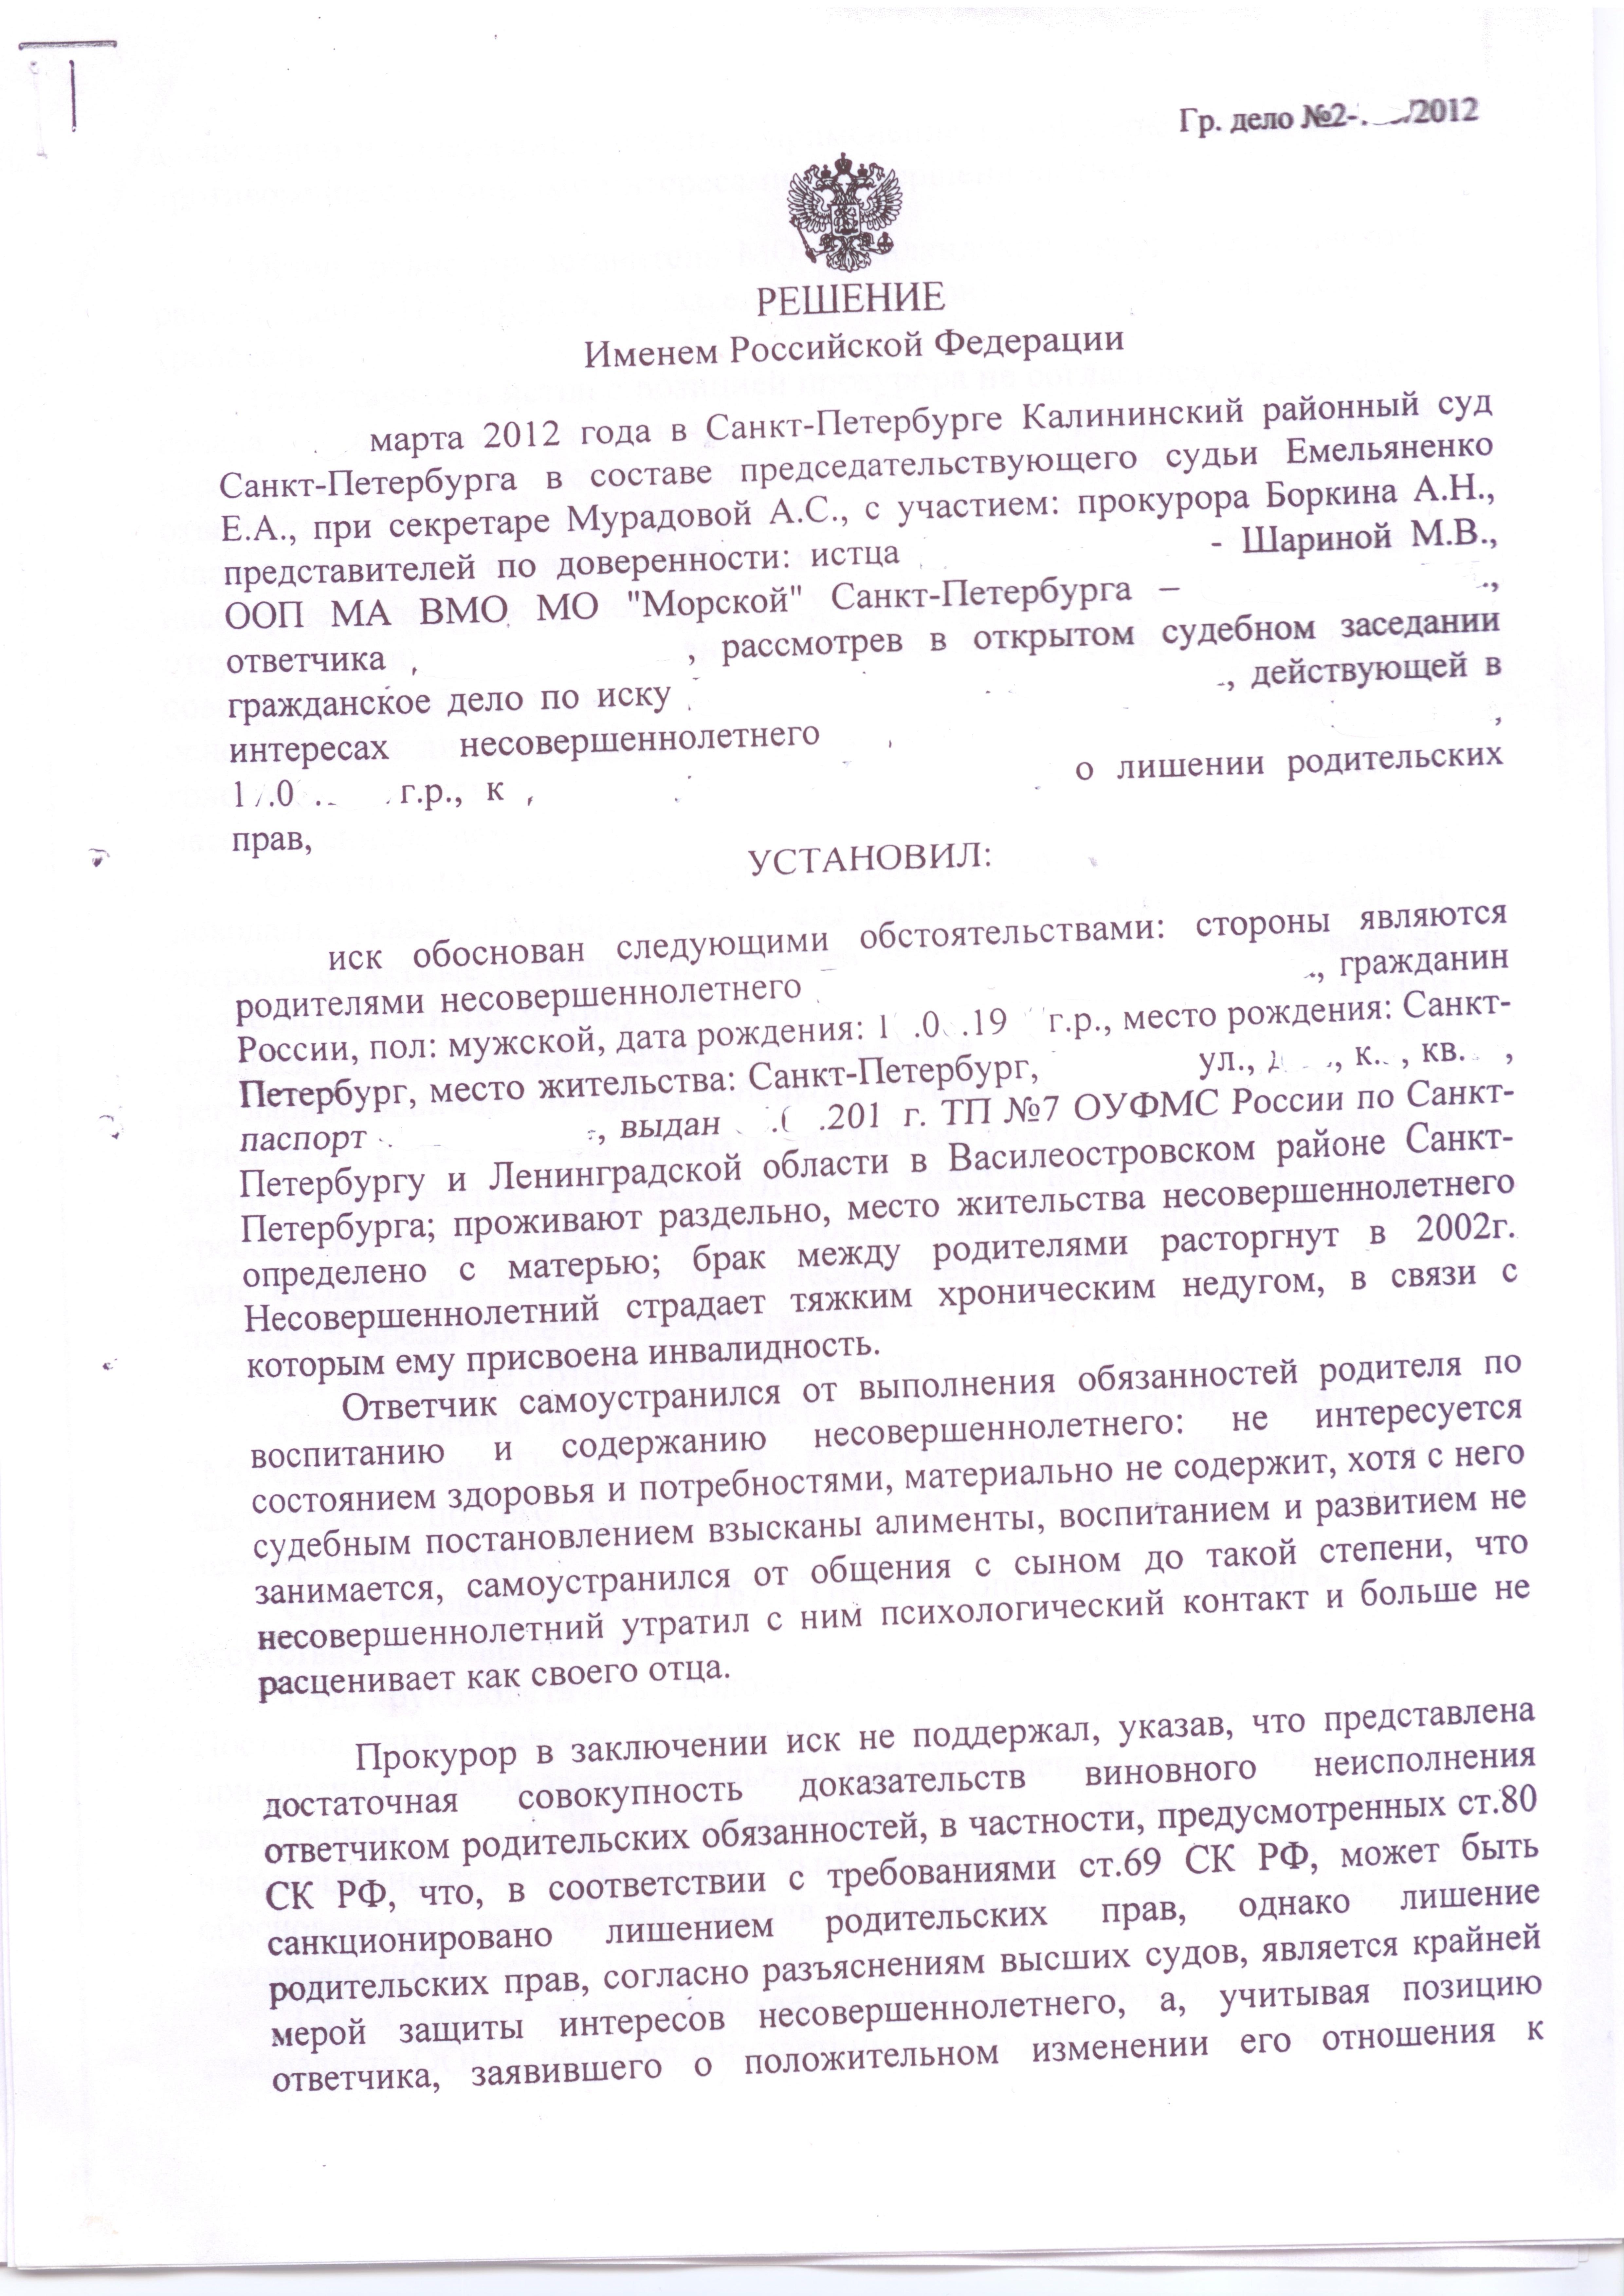 Вышневолоцкий федеральный суд исковое заявление о лишении родительских прав